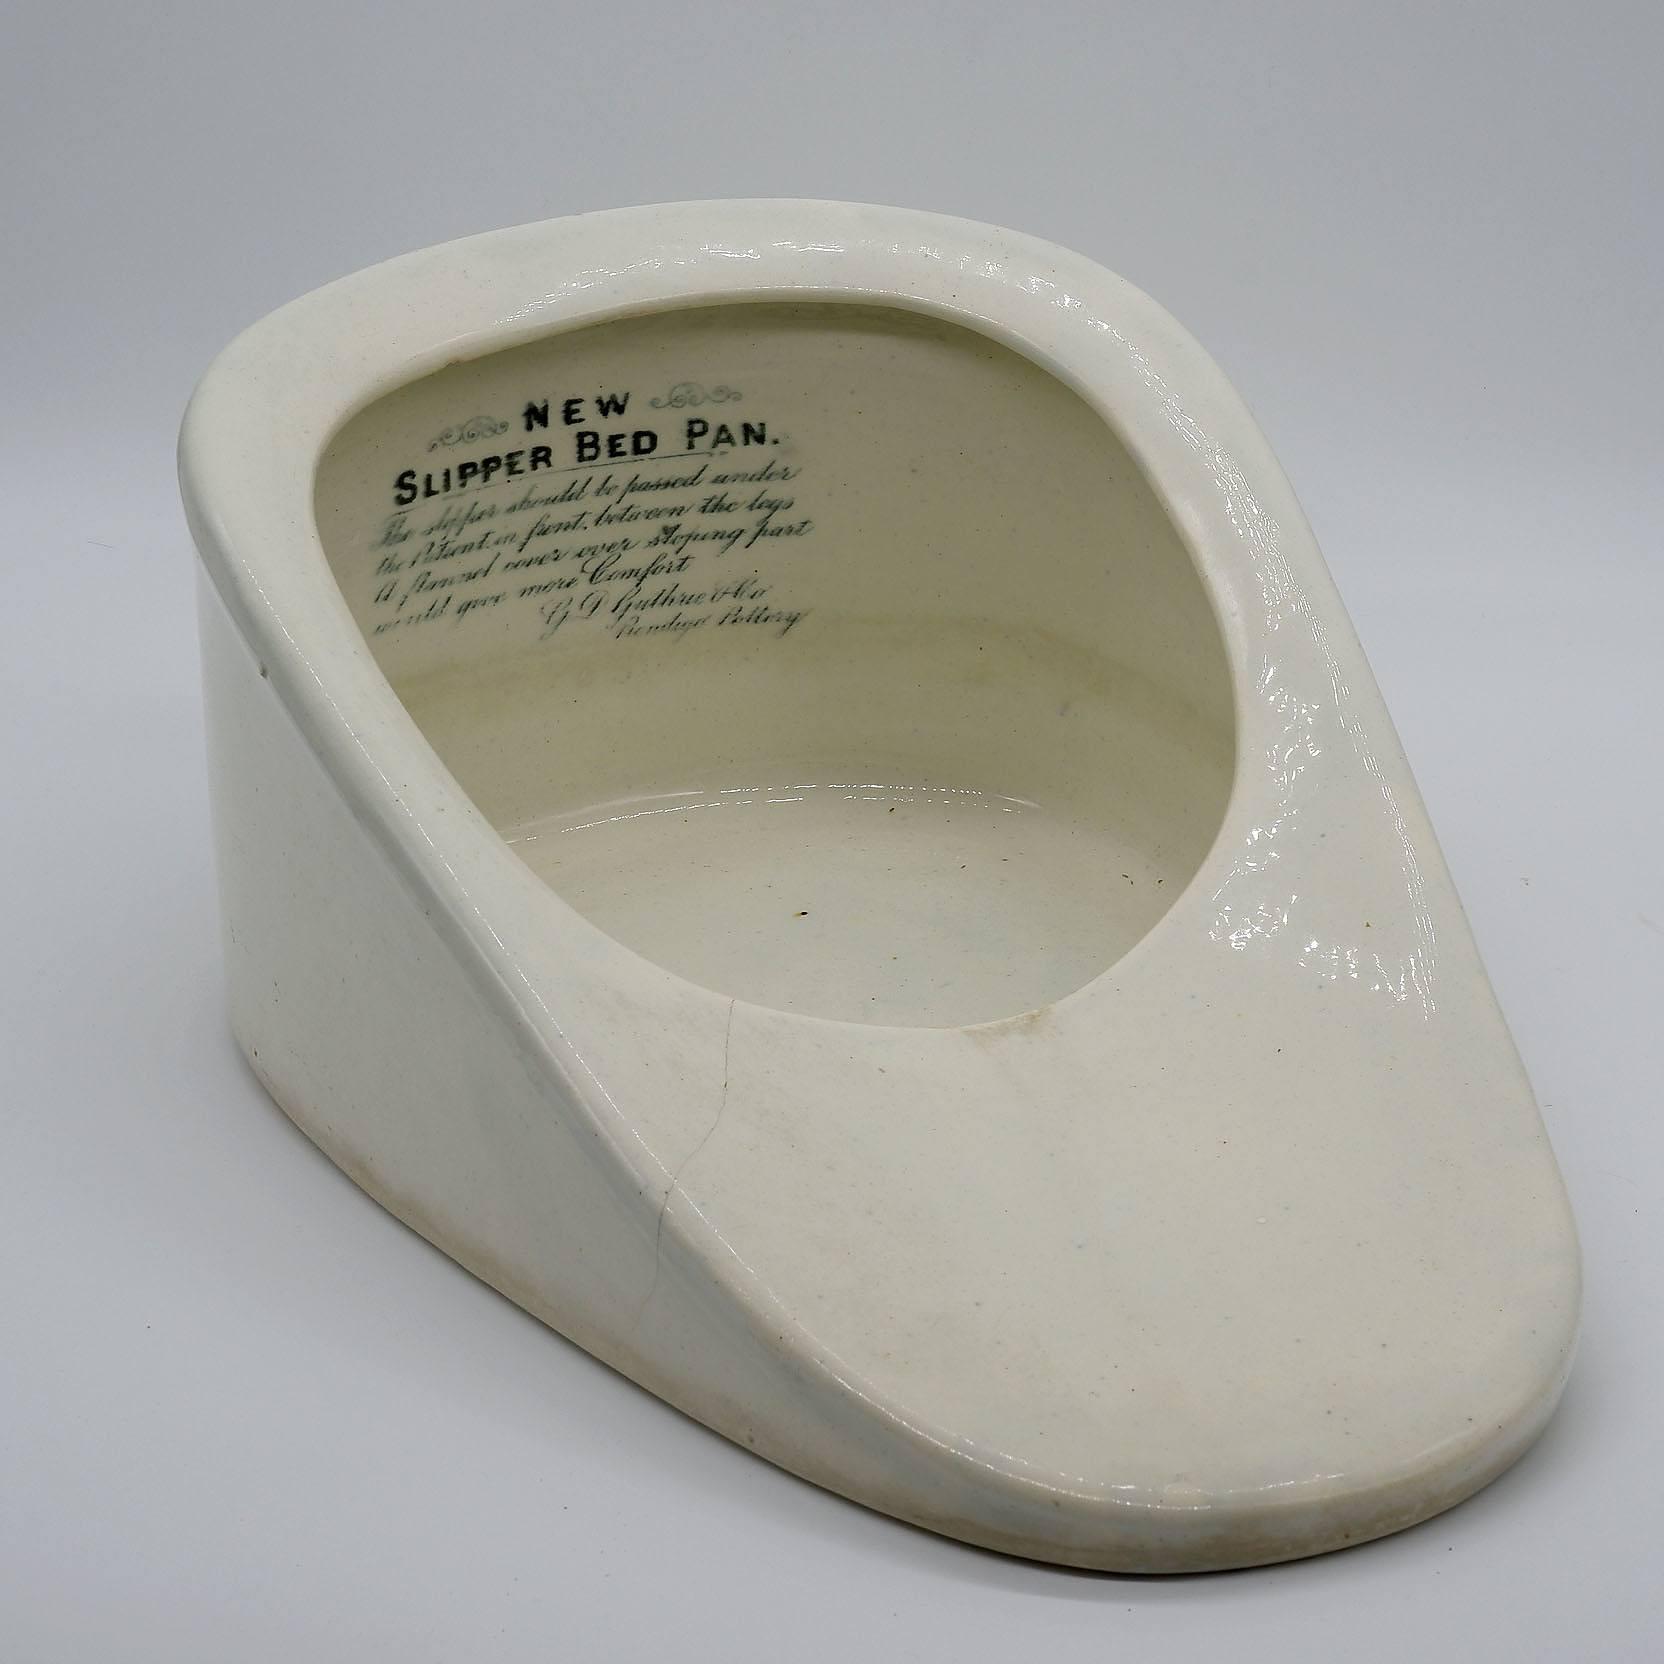 'Rare 19th Century Bendigo Pottery Bed Pan'